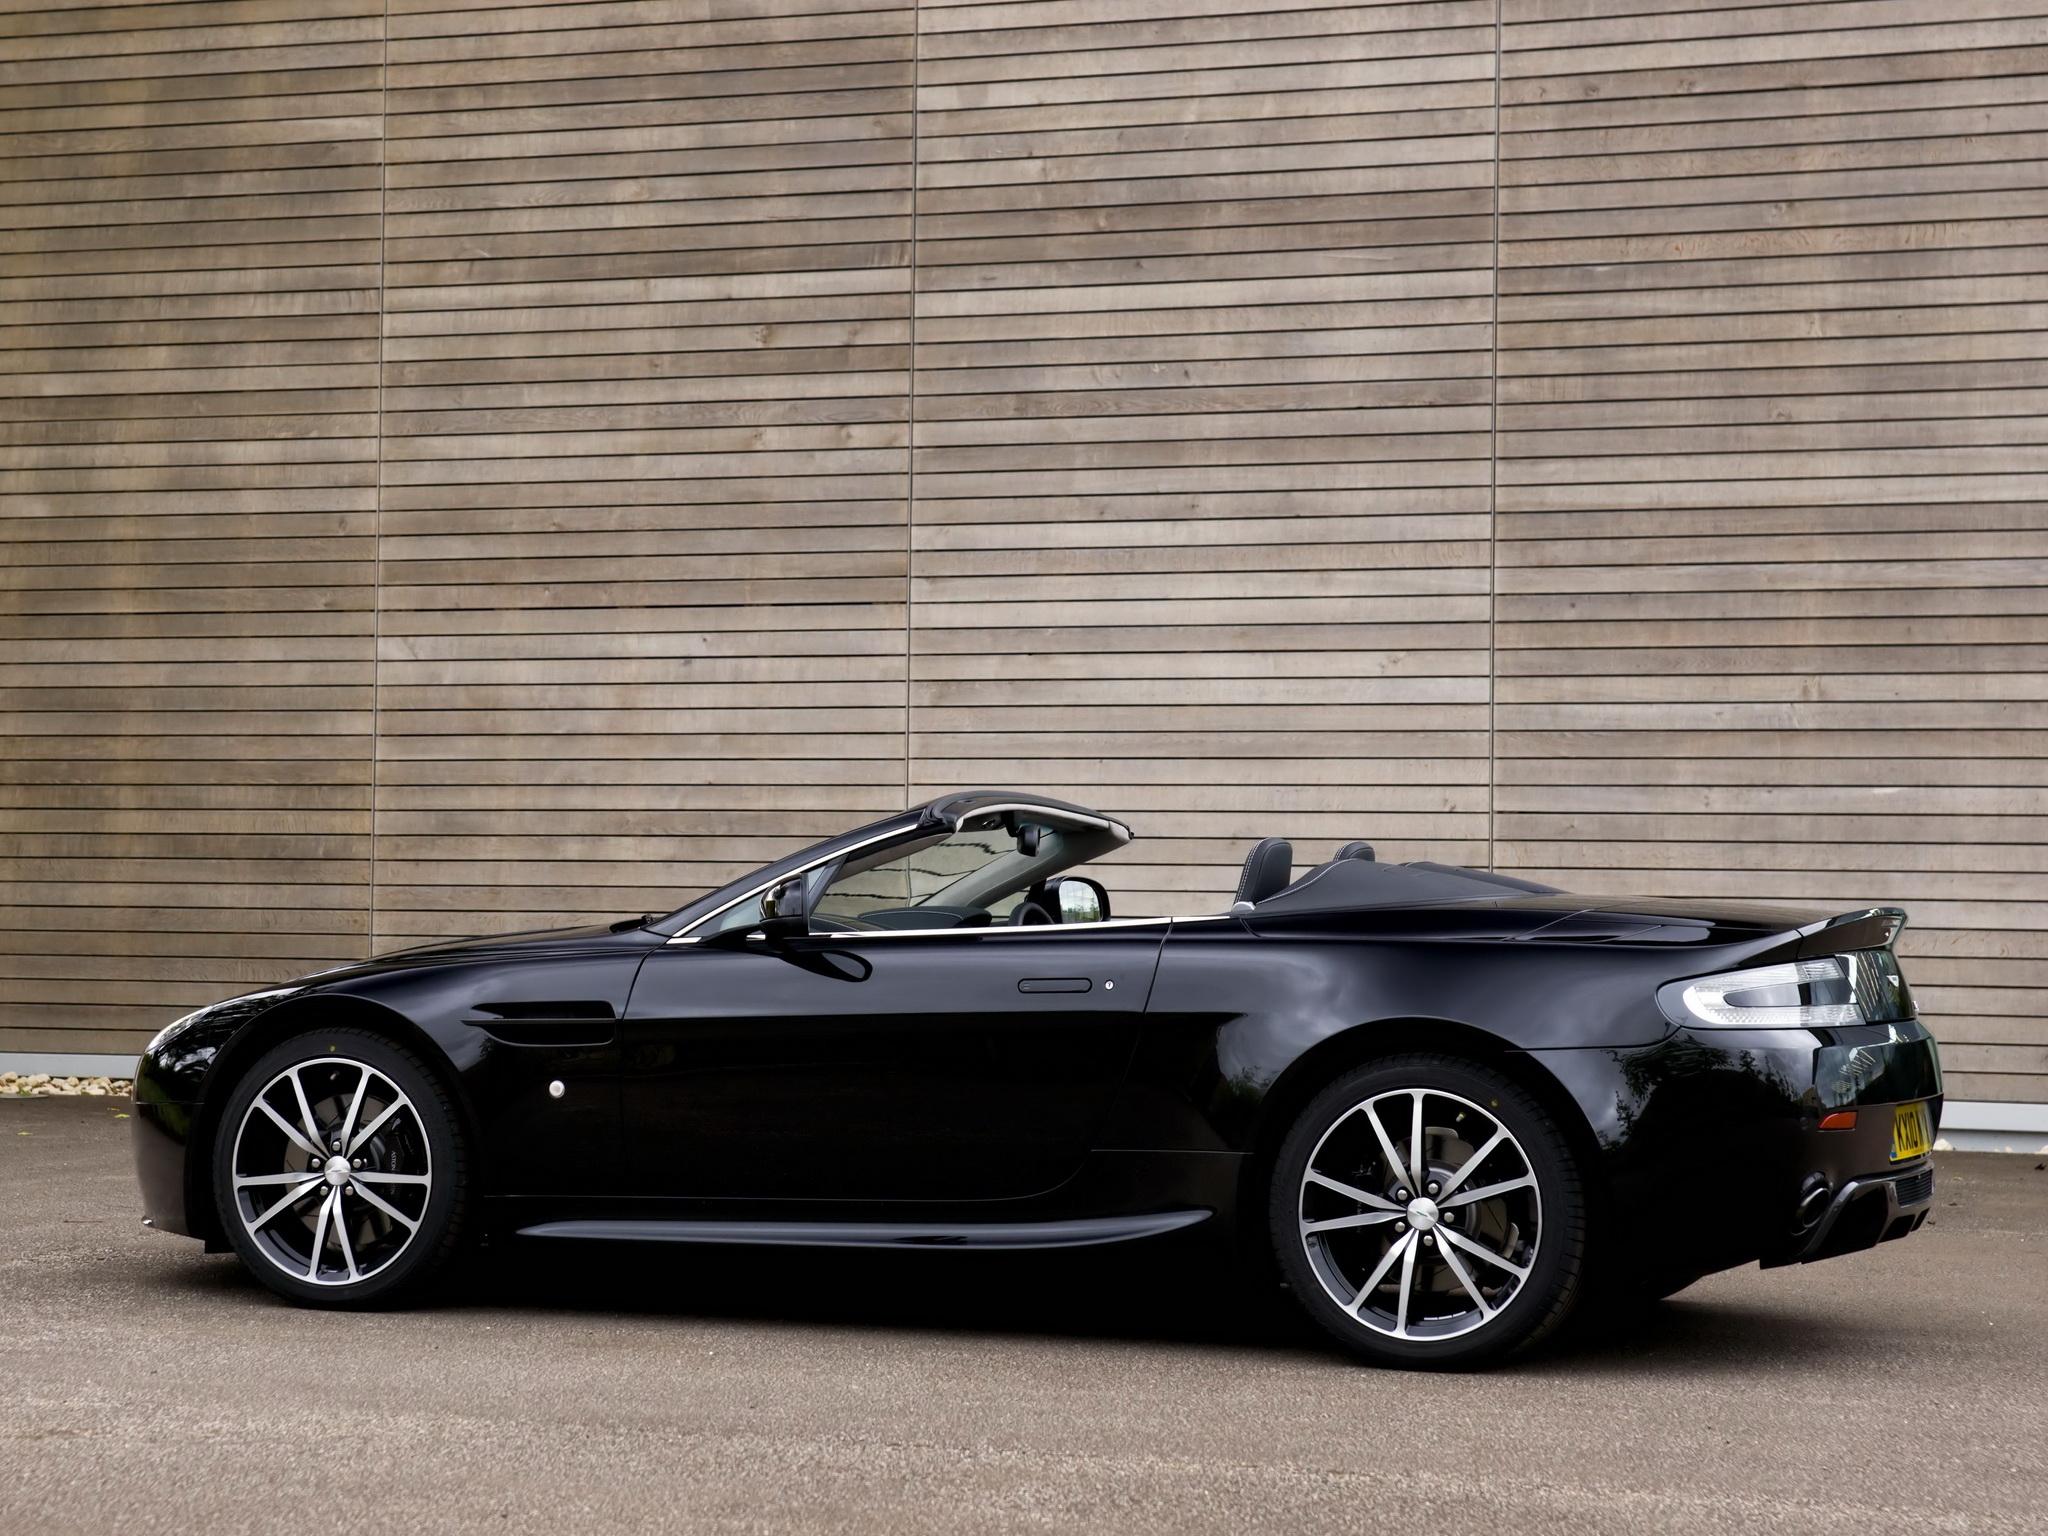 Wallpaper : black, side view, sports car, Aston Martin, Aston Martin on aston v12 vantage, v8 vantage, white v12 vantage, aston rapide s, aston v8, aston db, car model vantage, 2007 aston vantage, aston vanquish volante, aston martin's fresh, aston one-77,